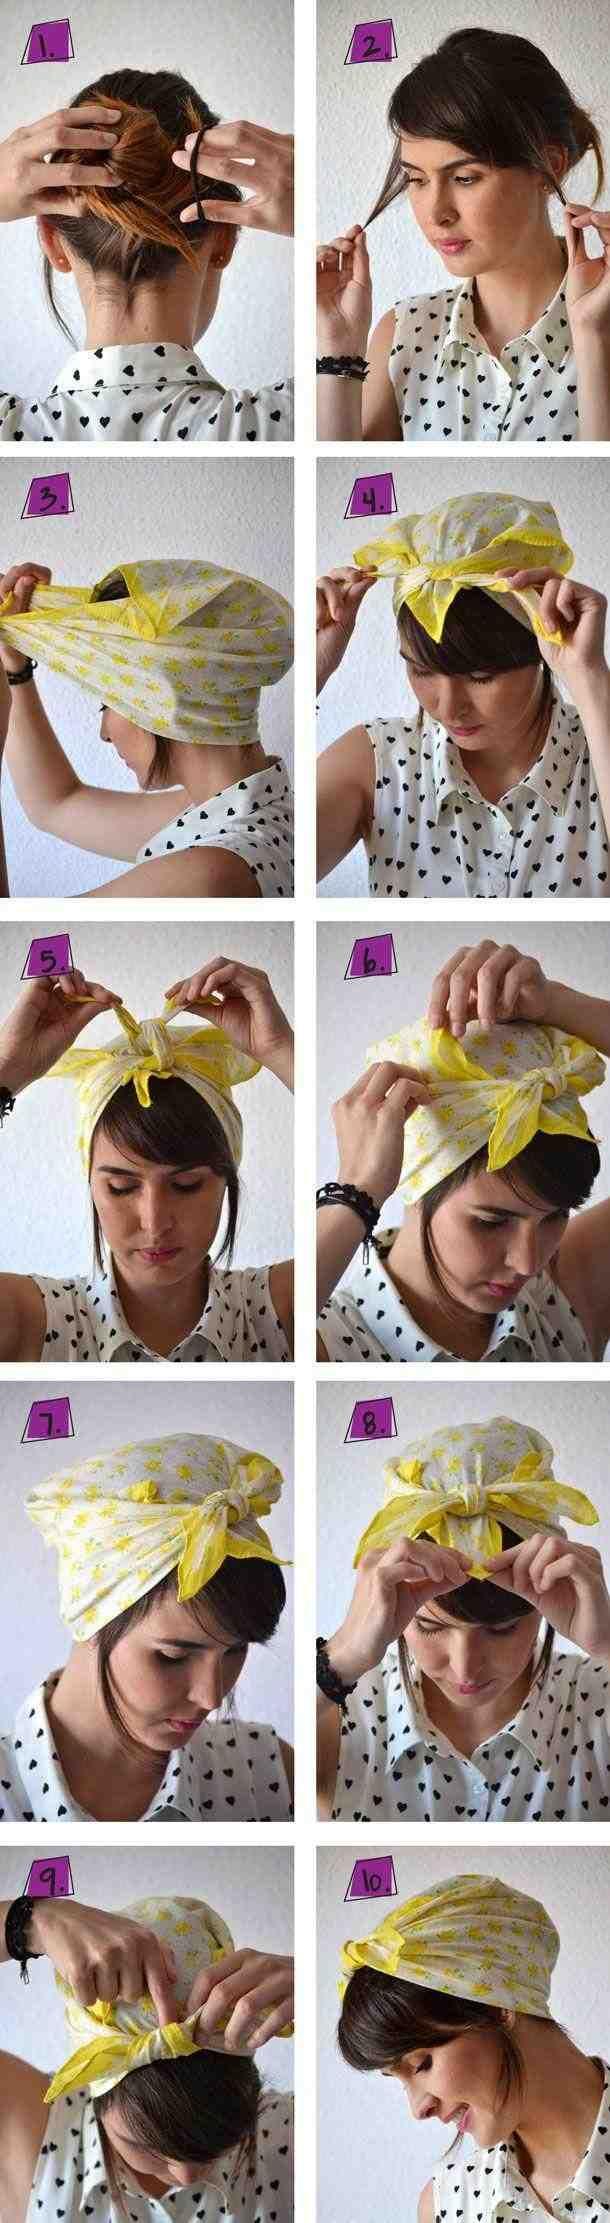 rockabilly hairstyle, bandana, 50s